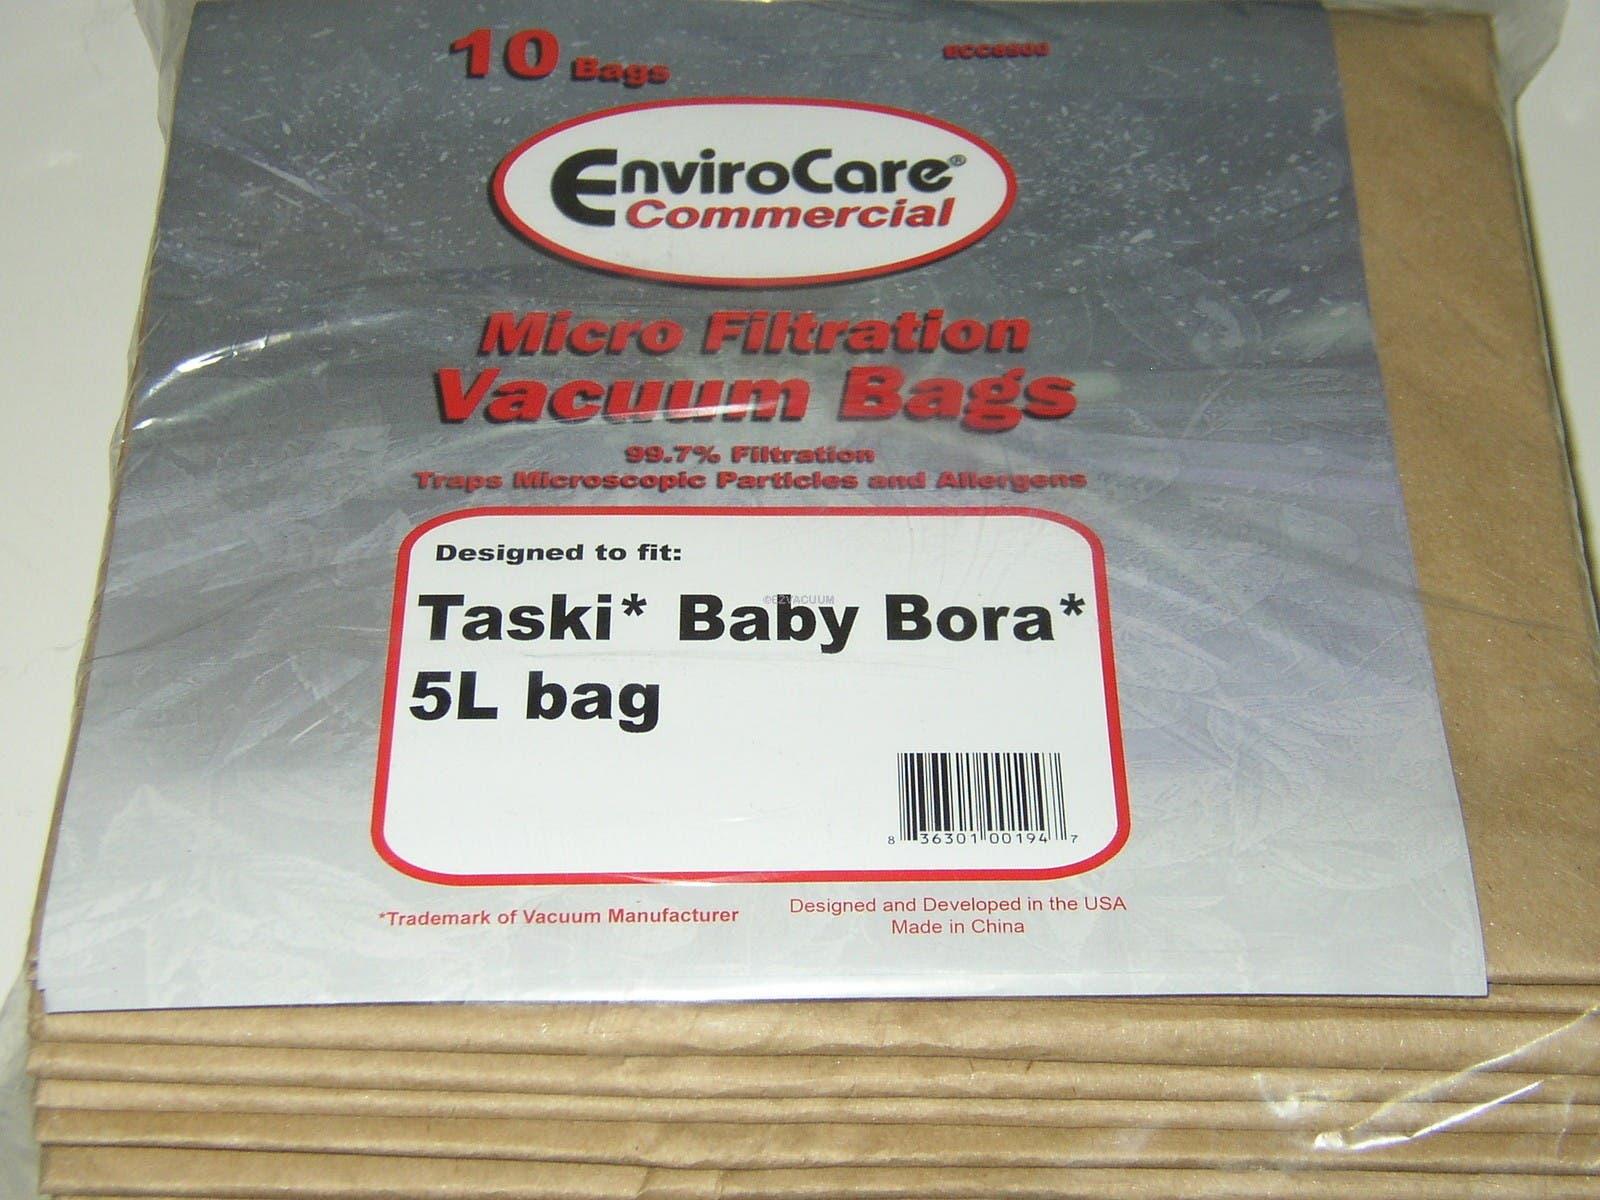 Taski Baby Bora 5L Commercial Vacuum Bags # ECC8500 - Generic - 10 pack